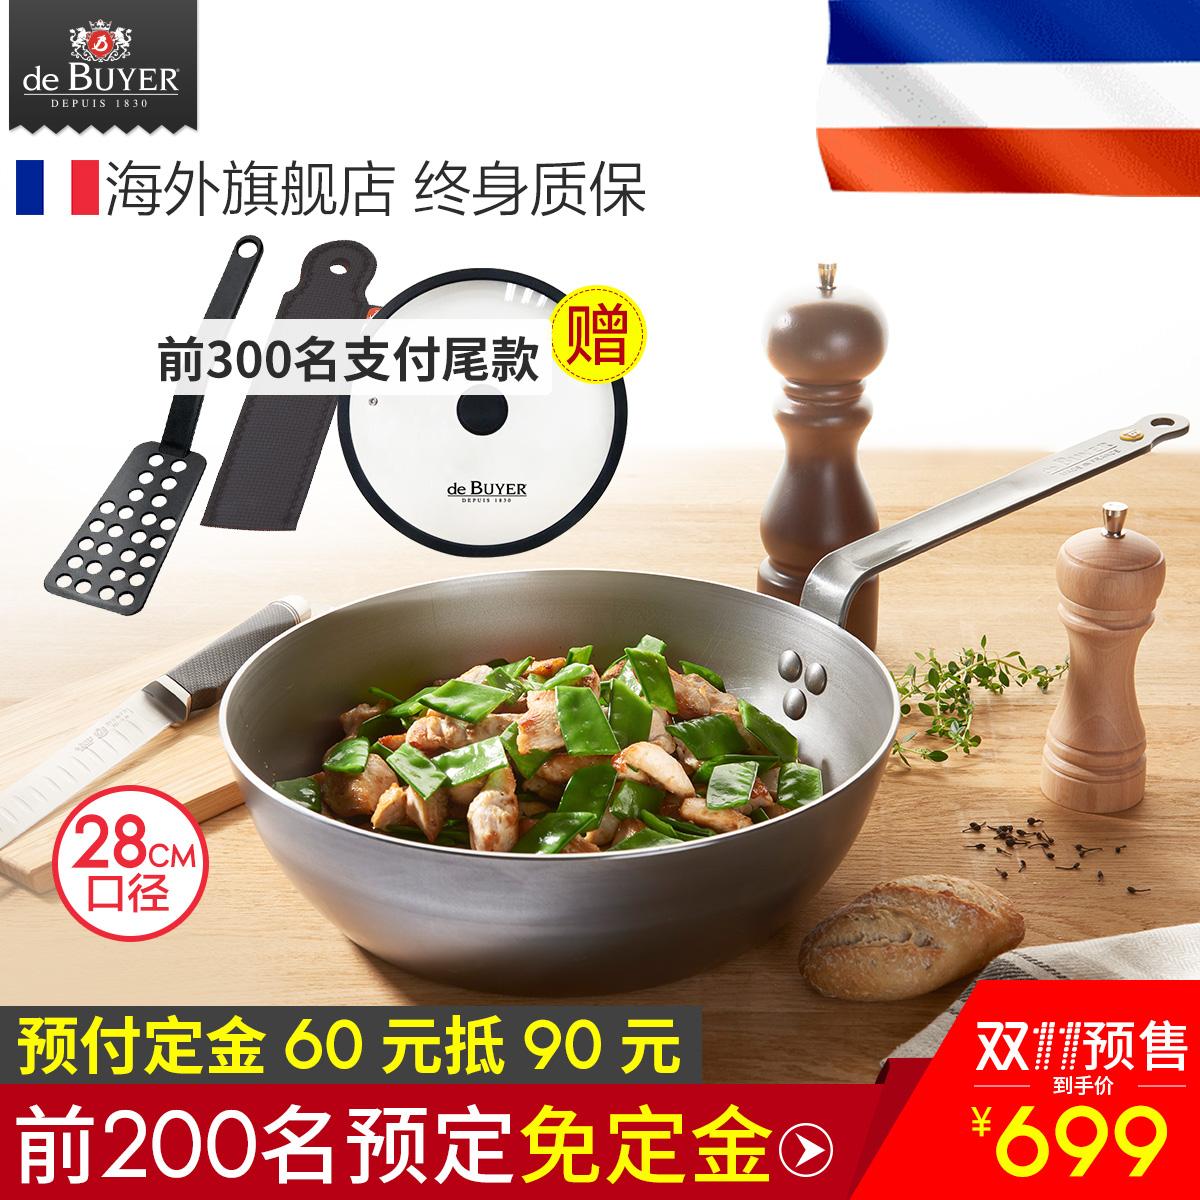 【双11预售】de BUYER/德佰尔法国无涂层不粘锅炒菜精铁锅28cm